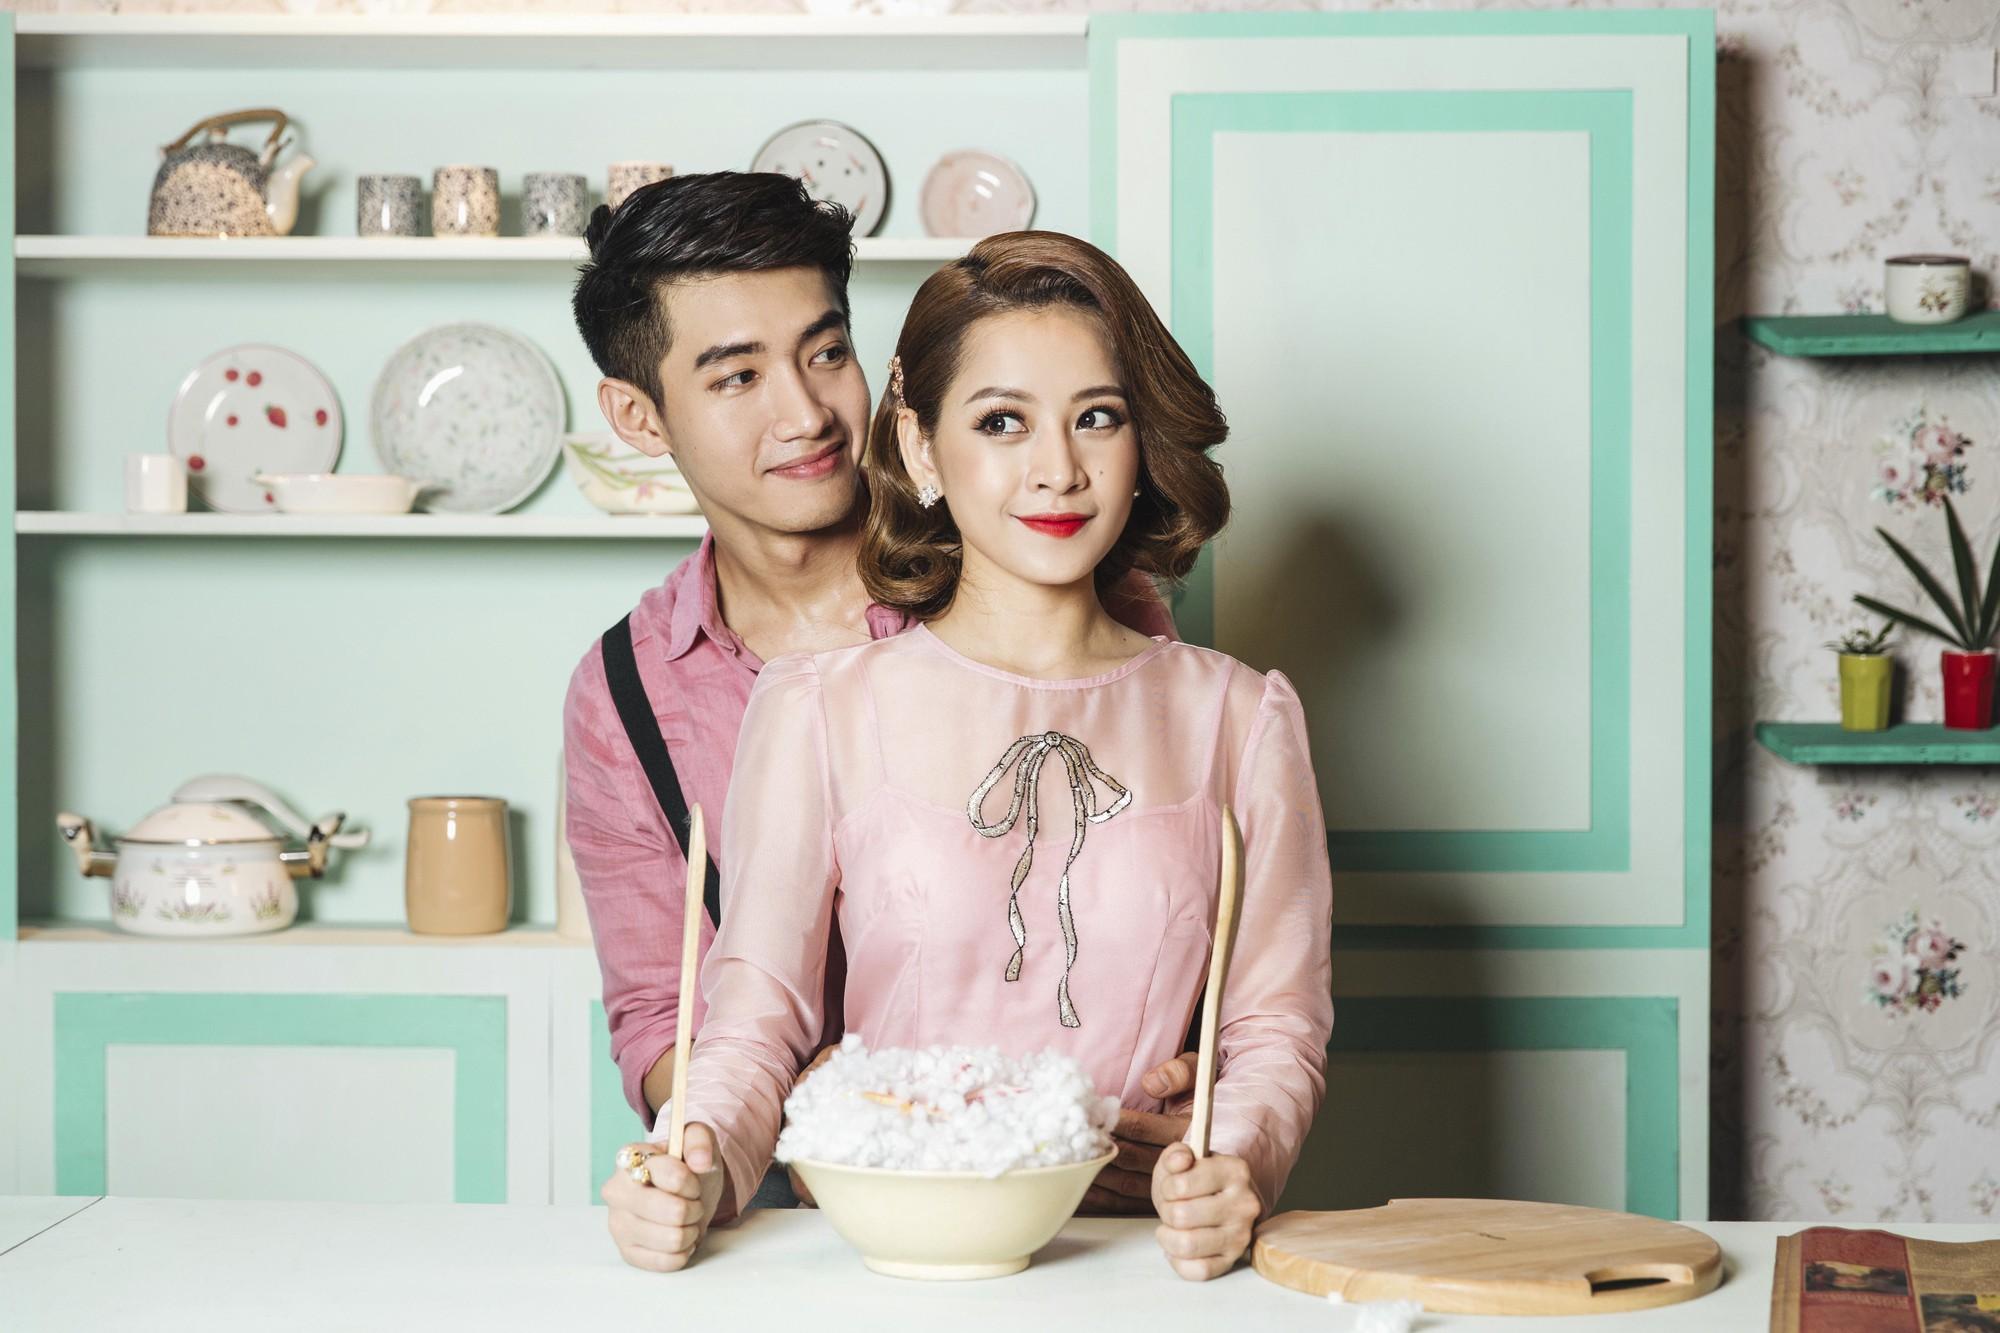 Thời trang trong MV thứ 3 của Chi Pu nhất nhất tuân theo tiêu chí: Người Việt dùng hàng Việt vẫn bao đẹp! - Ảnh 2.